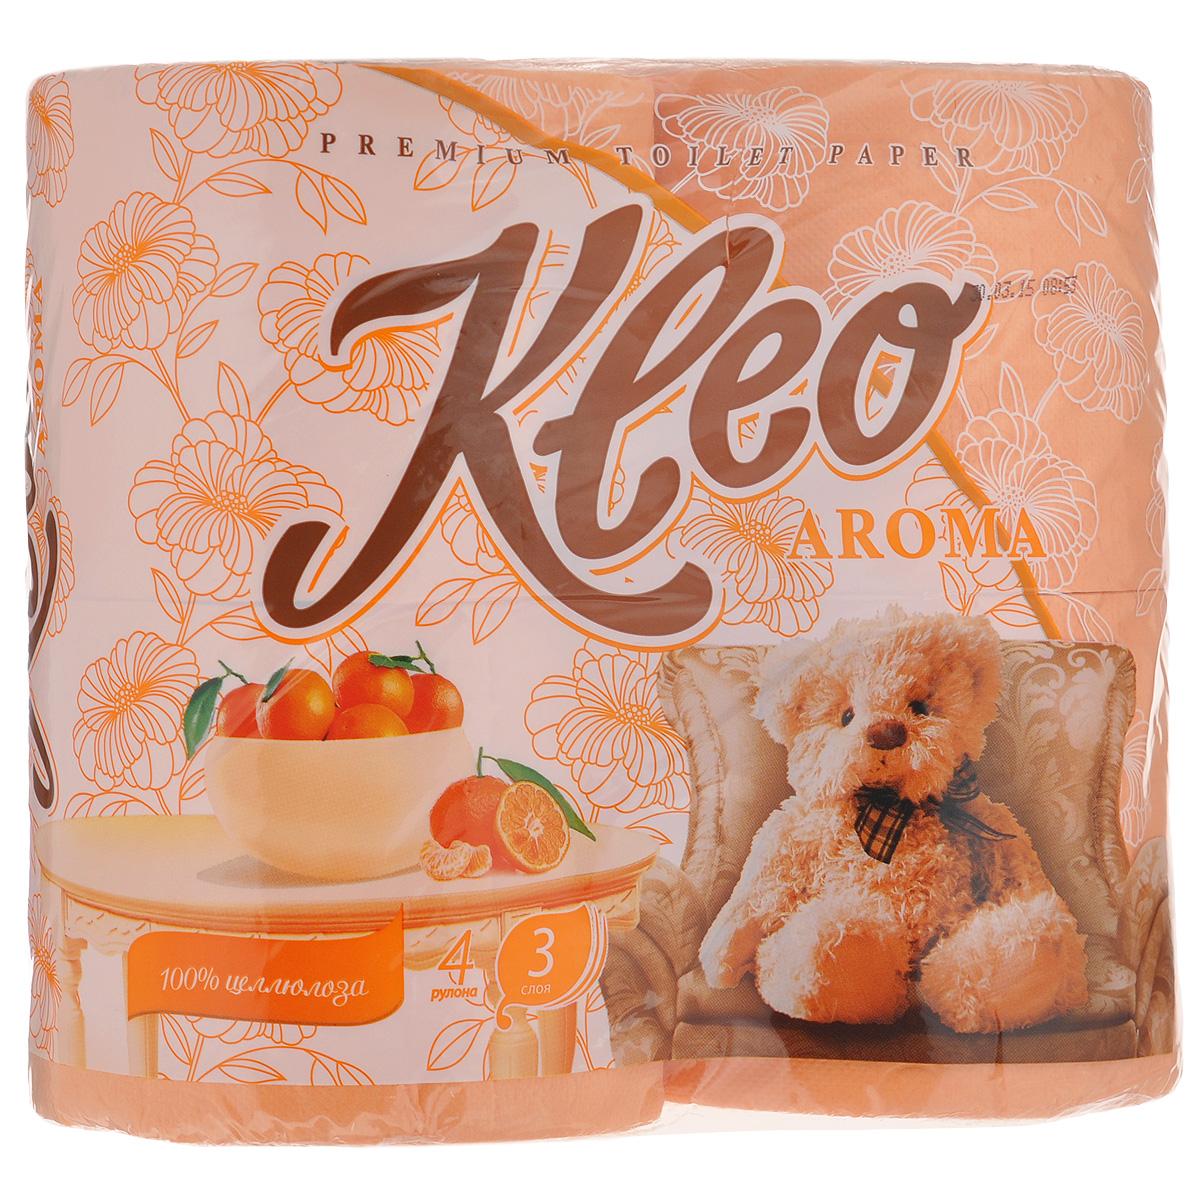 Туалетная бумага Kleo Aroma. Mandarin, трехслойная, цвет: персиковый, 4 рулонаC98Туалетная бумага Kleo Aroma. Mandarin, выполненная из натуральной целлюлозы, обеспечивает превосходный комфорт и ощущение чистоты и свежести. Имеет приятный аромат мандарина. Необыкновенно мягкая, но в тоже время прочная, бумага не расслаивается и отрывается строго по линии перфорации. Трехслойные листы имеют рисунок с перфорацией. Количество листов: 168 шт. Количество слоев: 3. Размер листа: 12,5 см х 9,6 см. Состав: 100% целлюлоза, ароматизатор.